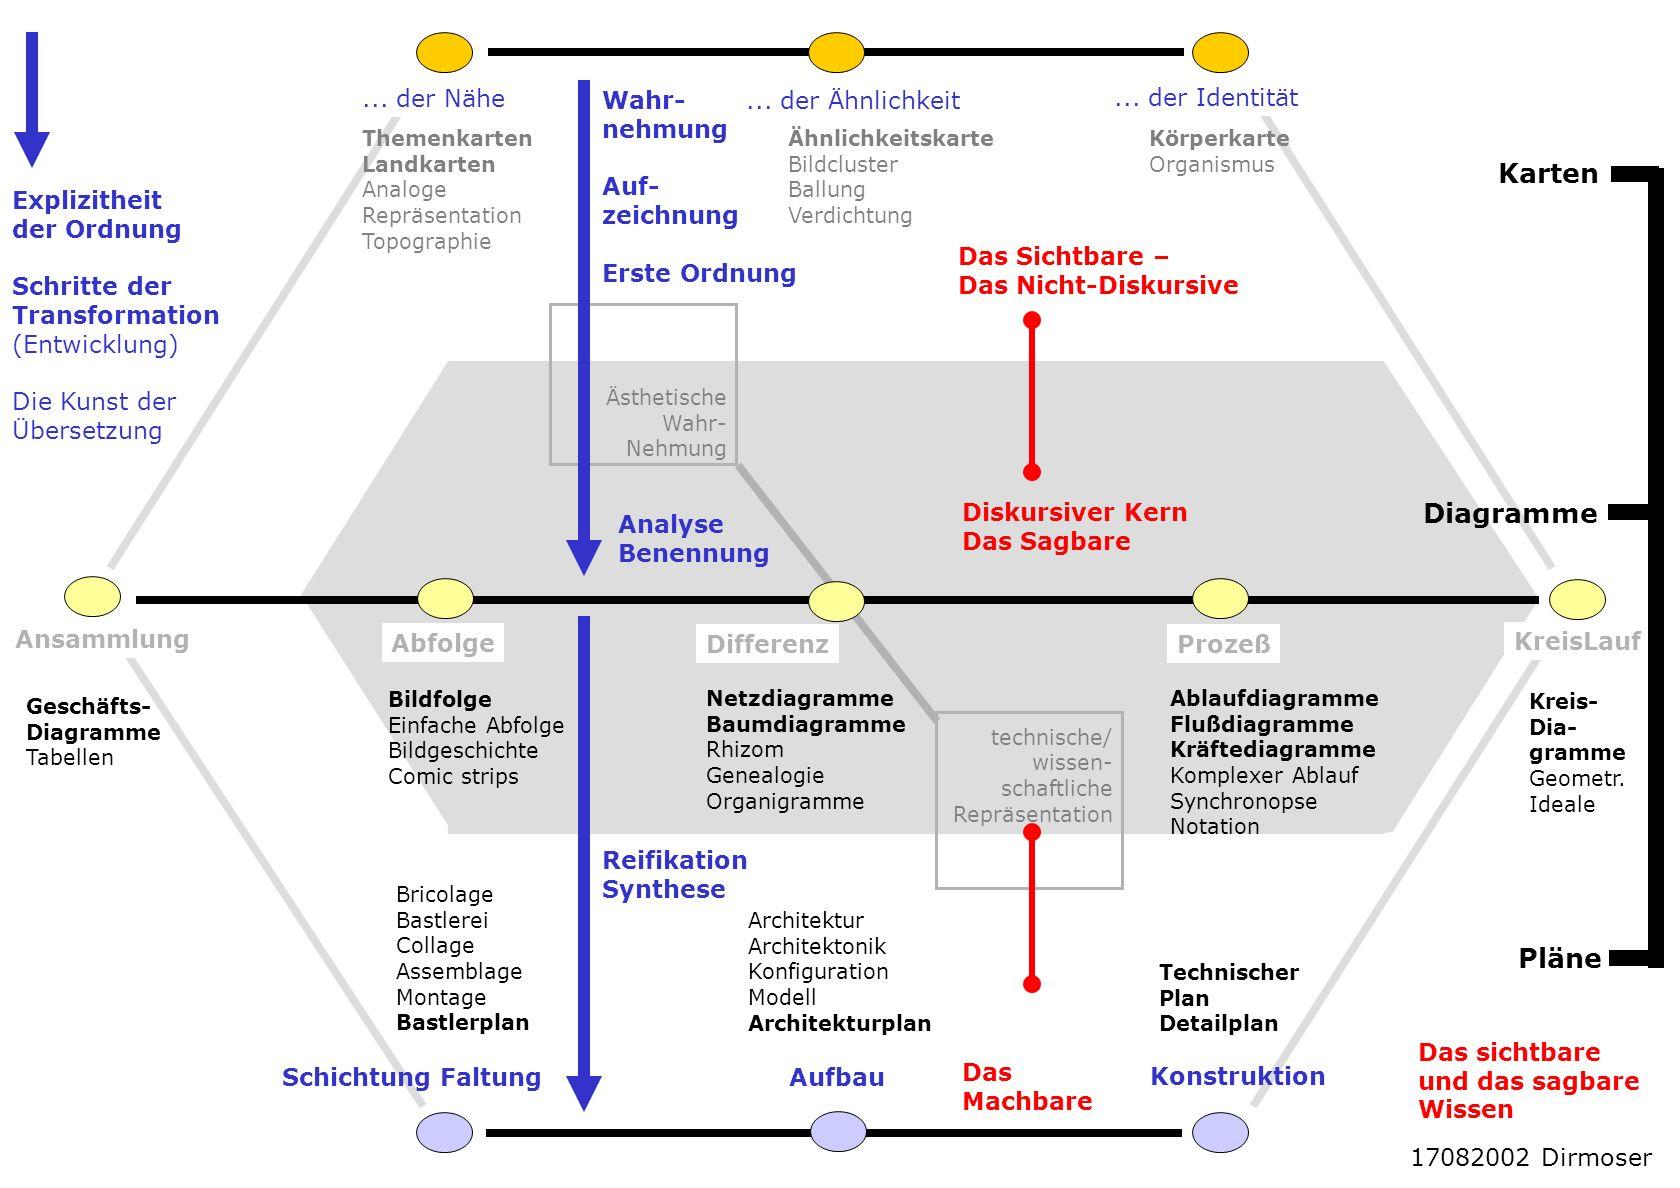 Karten Diagramme Pläne ... der Nähe Wahr- nehmung Auf- zeichnung